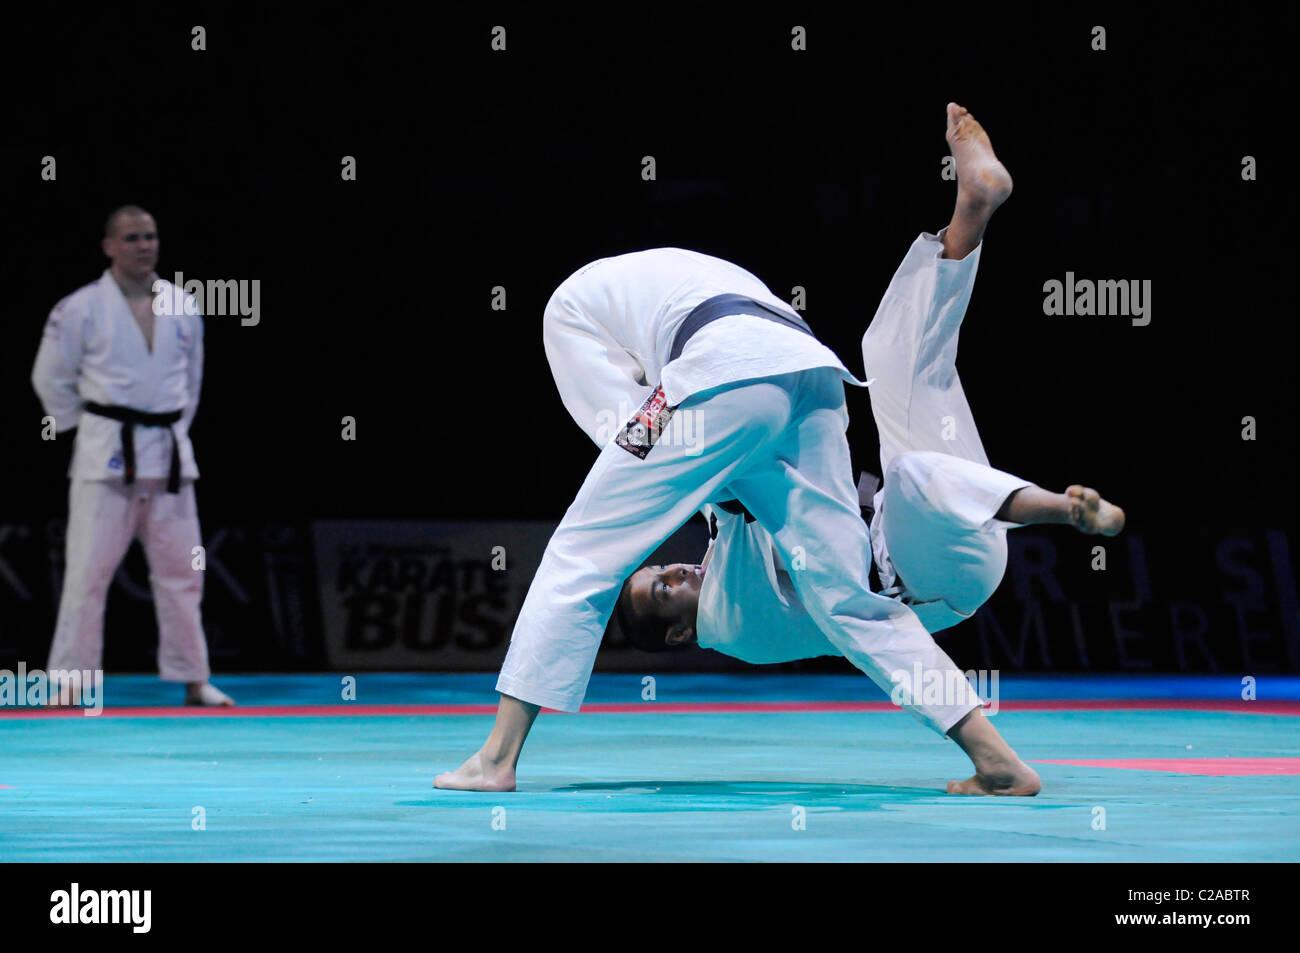 Ju Jitsu Koda with Vincent Parisiat at Festival des Arts Martiaux de Bercy, Paris. - Stock Image